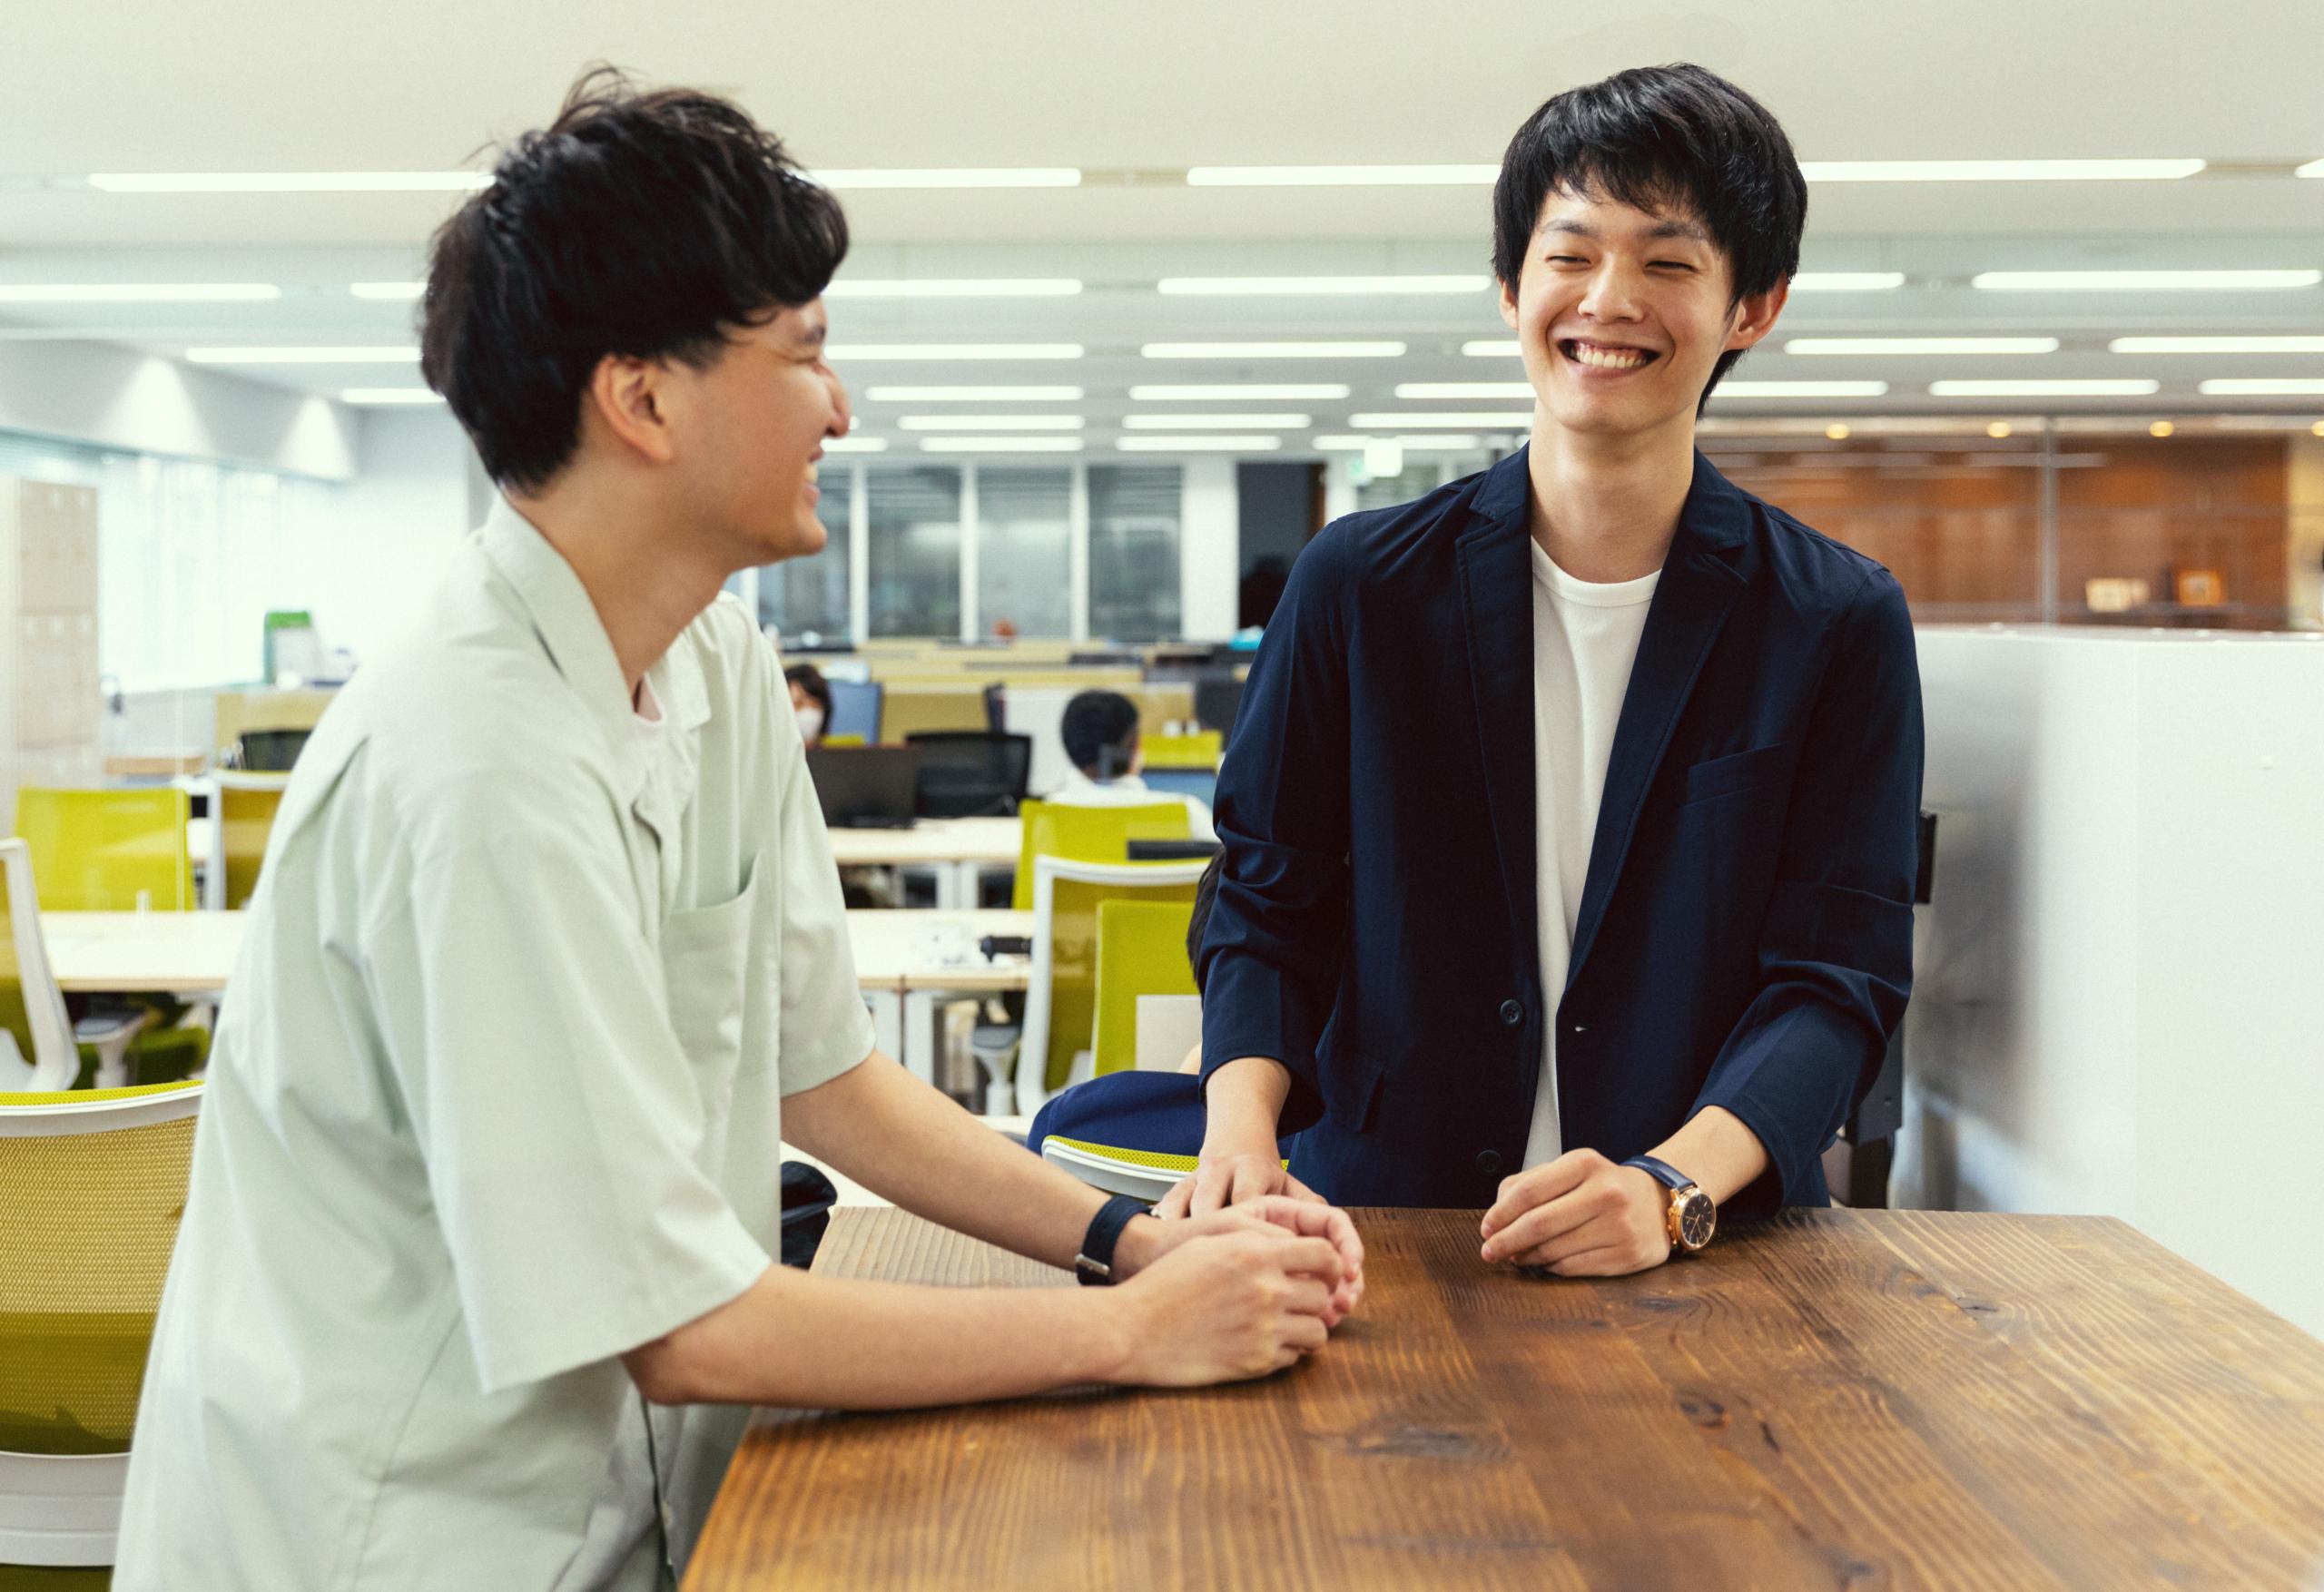 松田 靖修【2017年入社】×伊藤 烈【2020年入社】<br><br>やるときはやる!